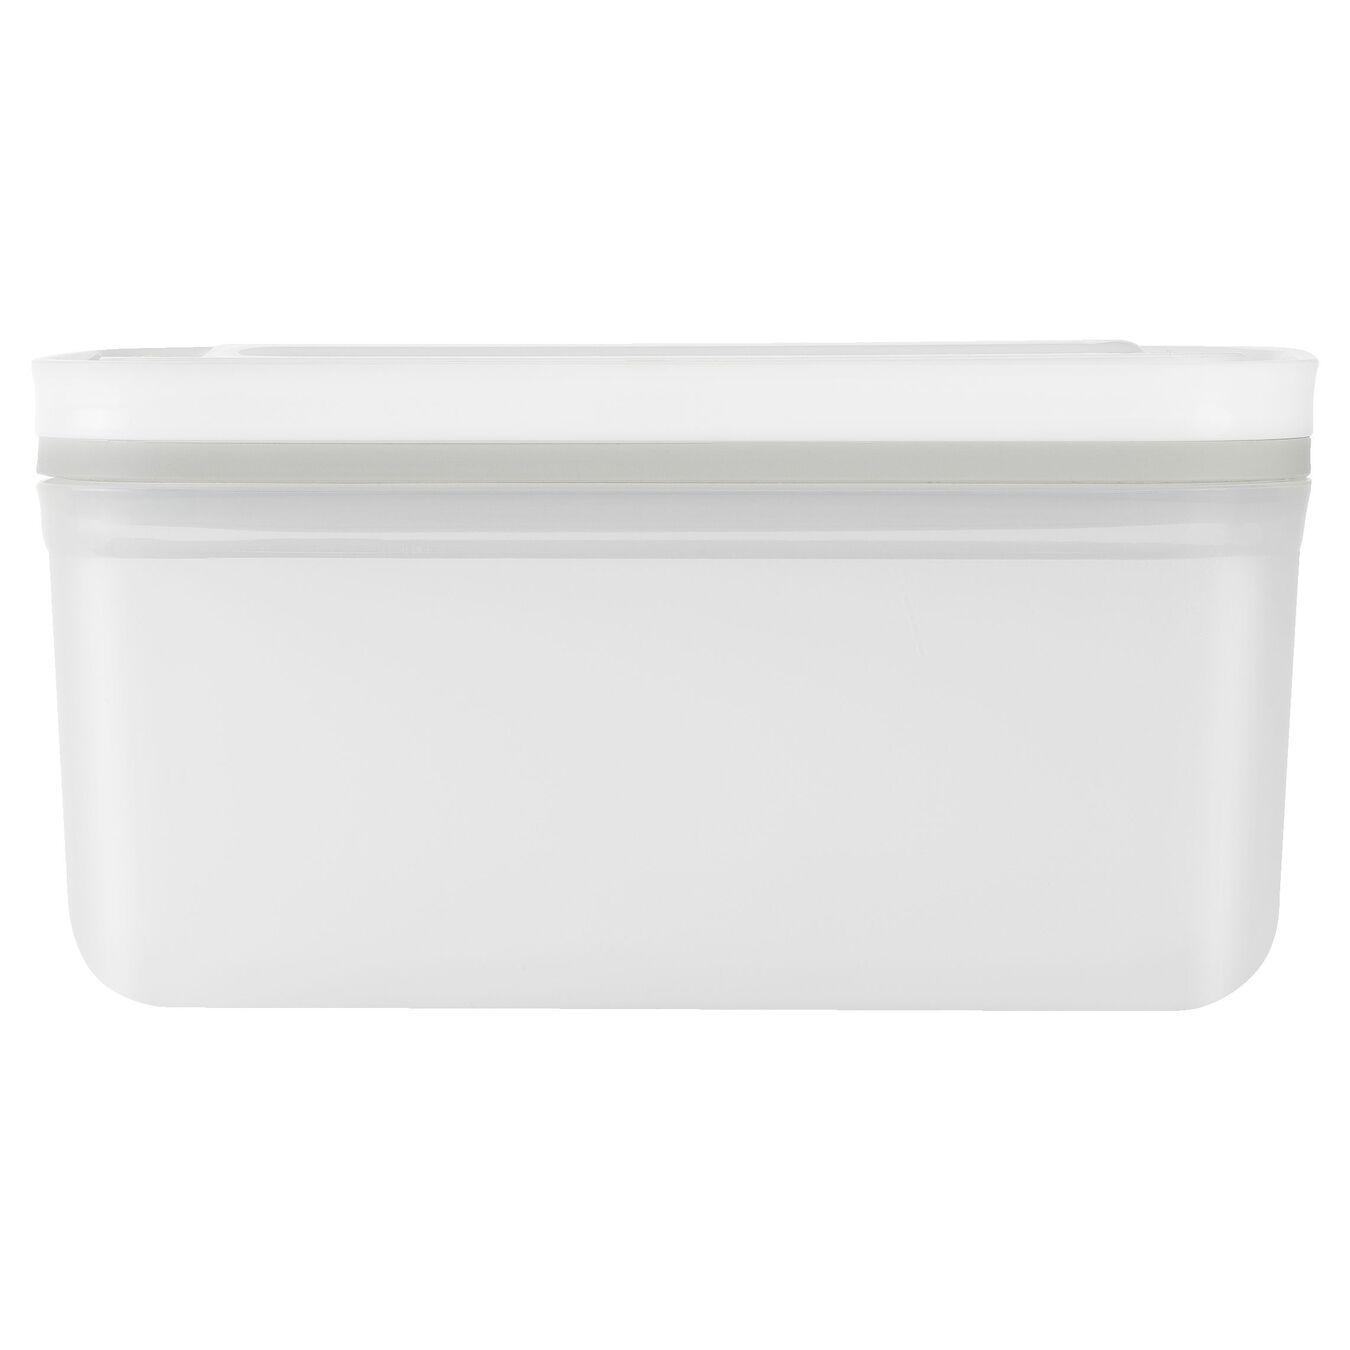 Vacuum Container, medium, Plastic, White,,large 3